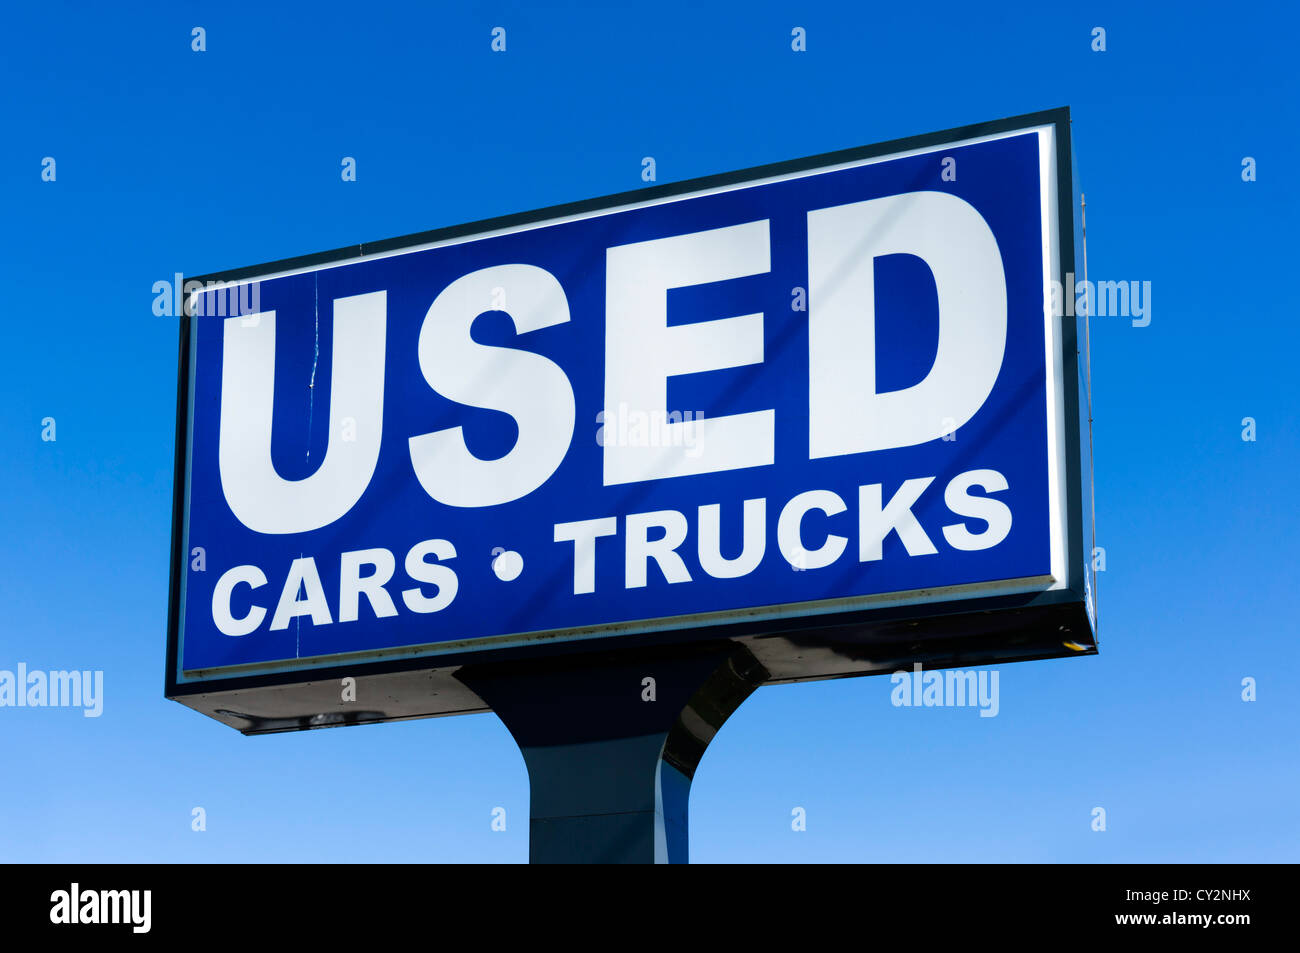 Voitures et camions signe en Floride, concessionnaire automobile, USA Photo Stock